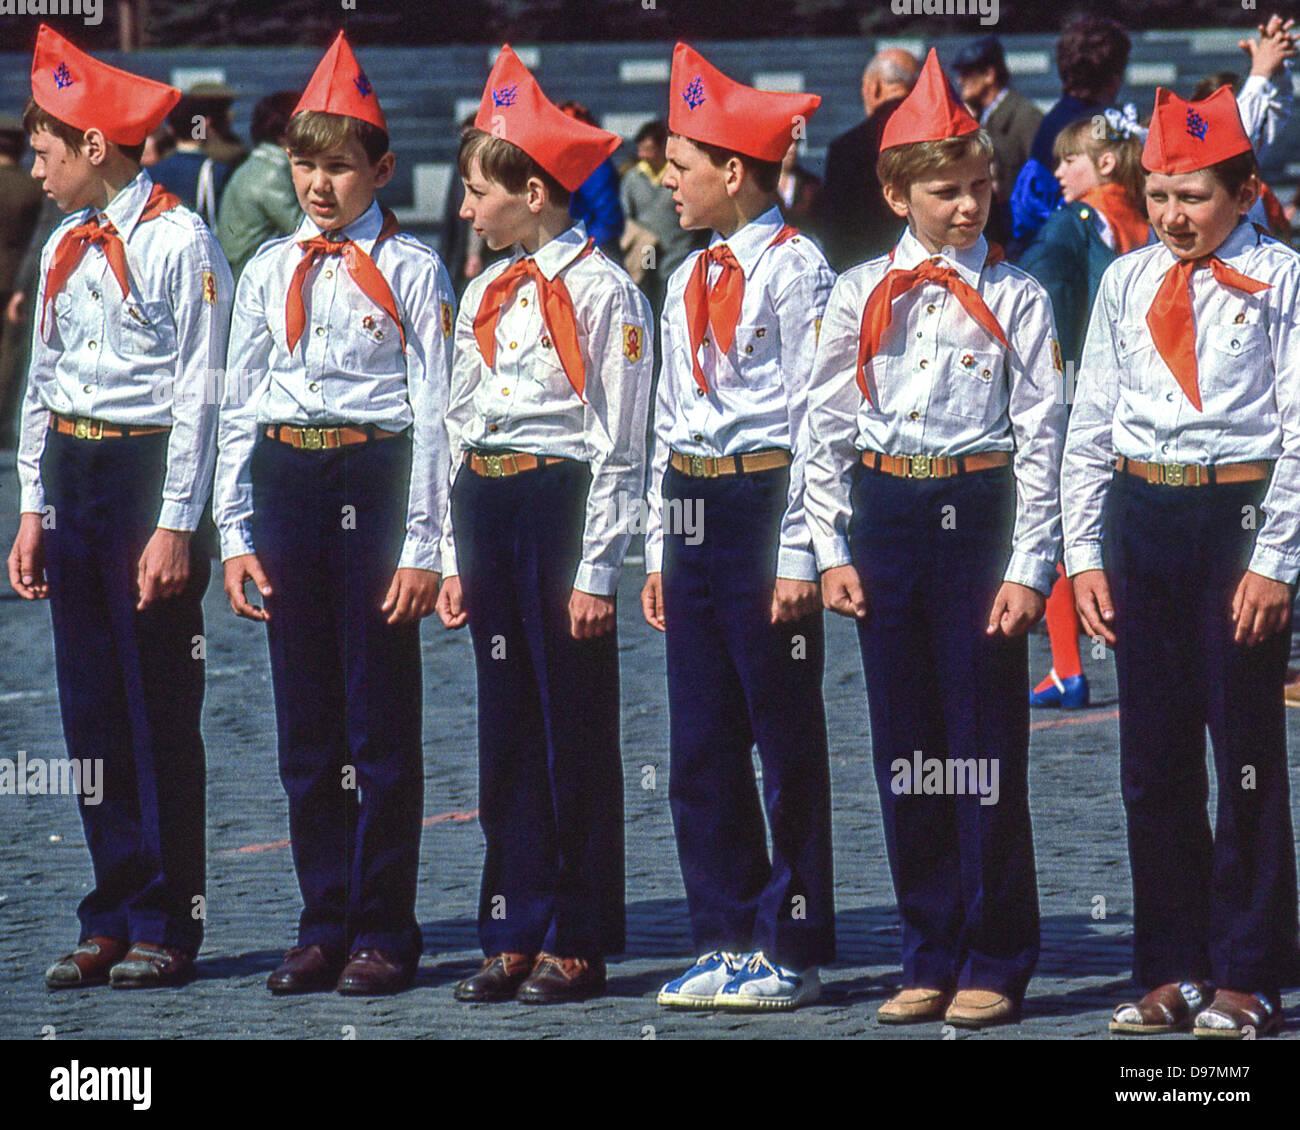 1 mai 1984 moskau ru eine gruppe von jungen pioniere. Black Bedroom Furniture Sets. Home Design Ideas